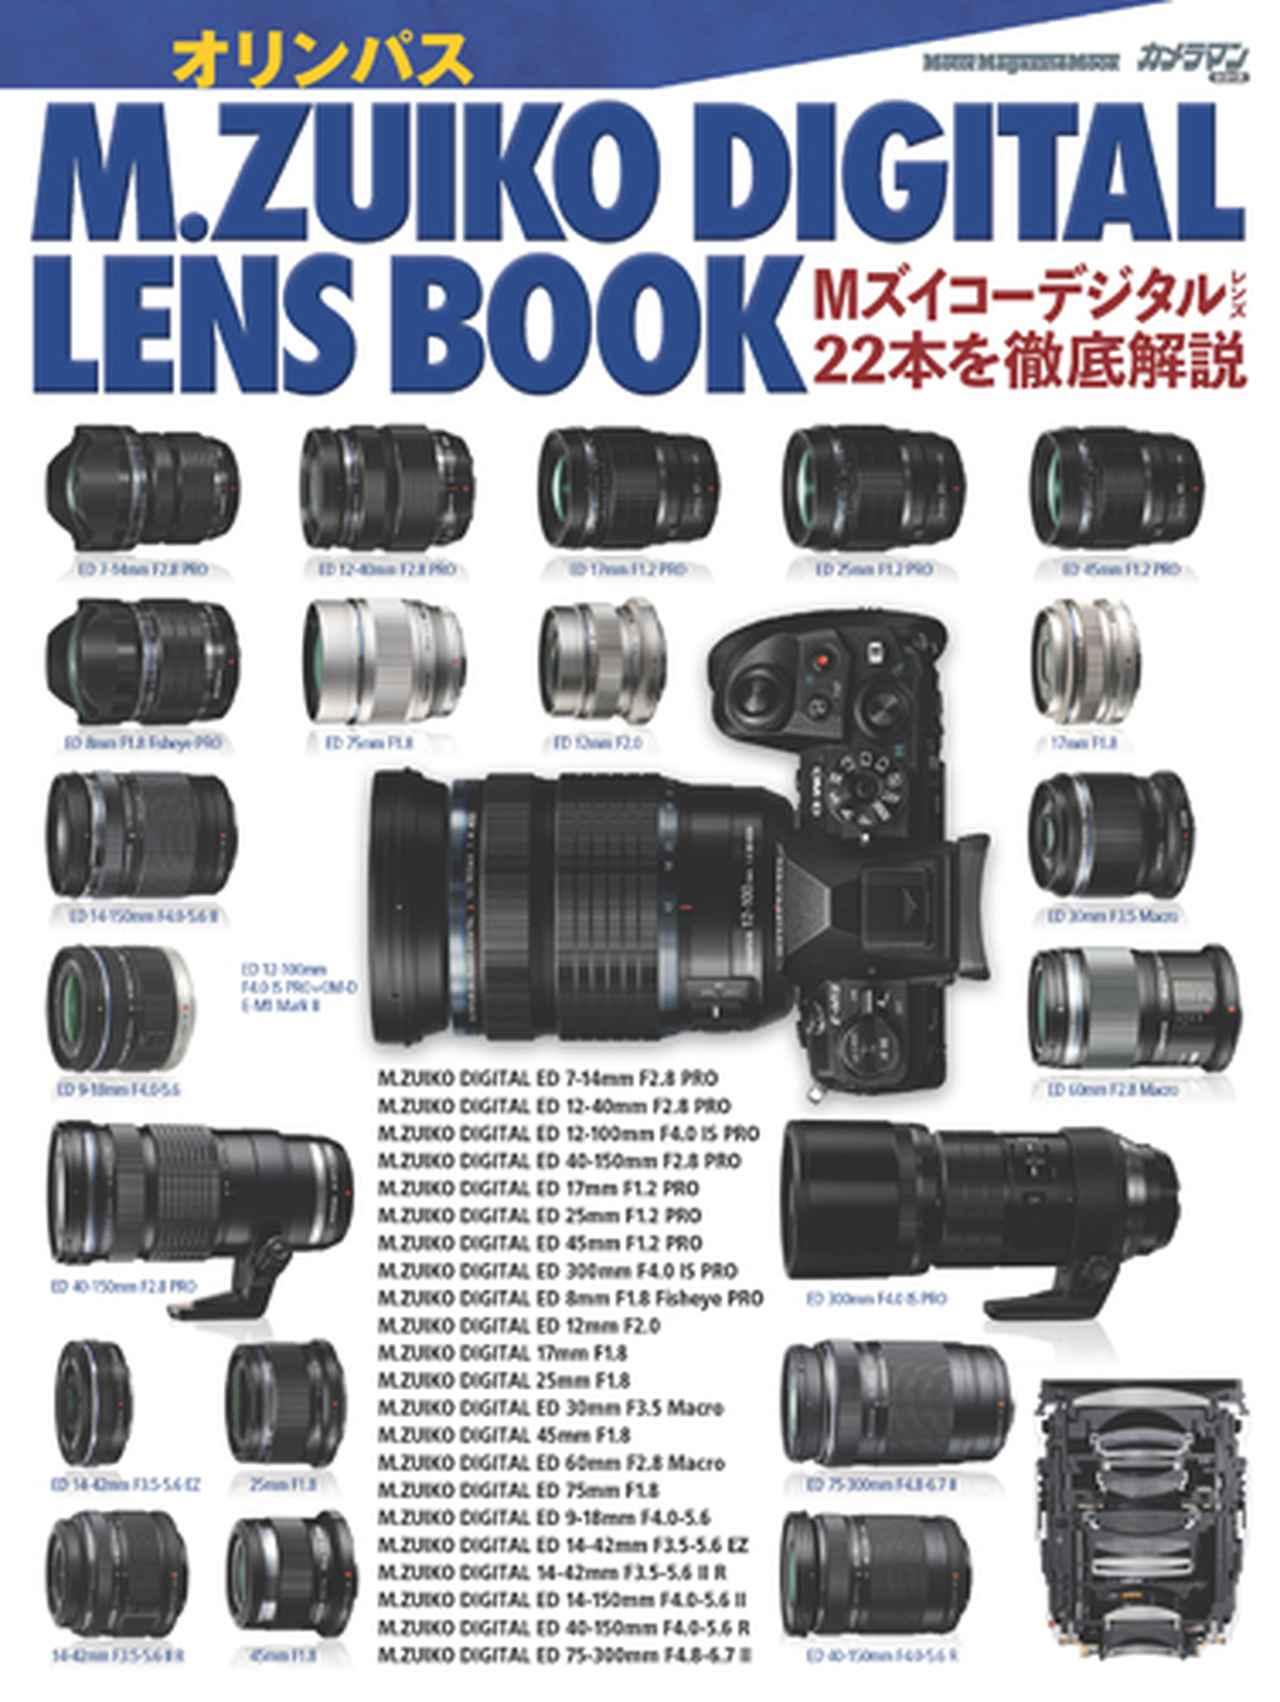 画像: Motor Magazine Ltd. / モーターマガジン社 / オリンパス M.ZUIKO DIGITAL LENS BOOK